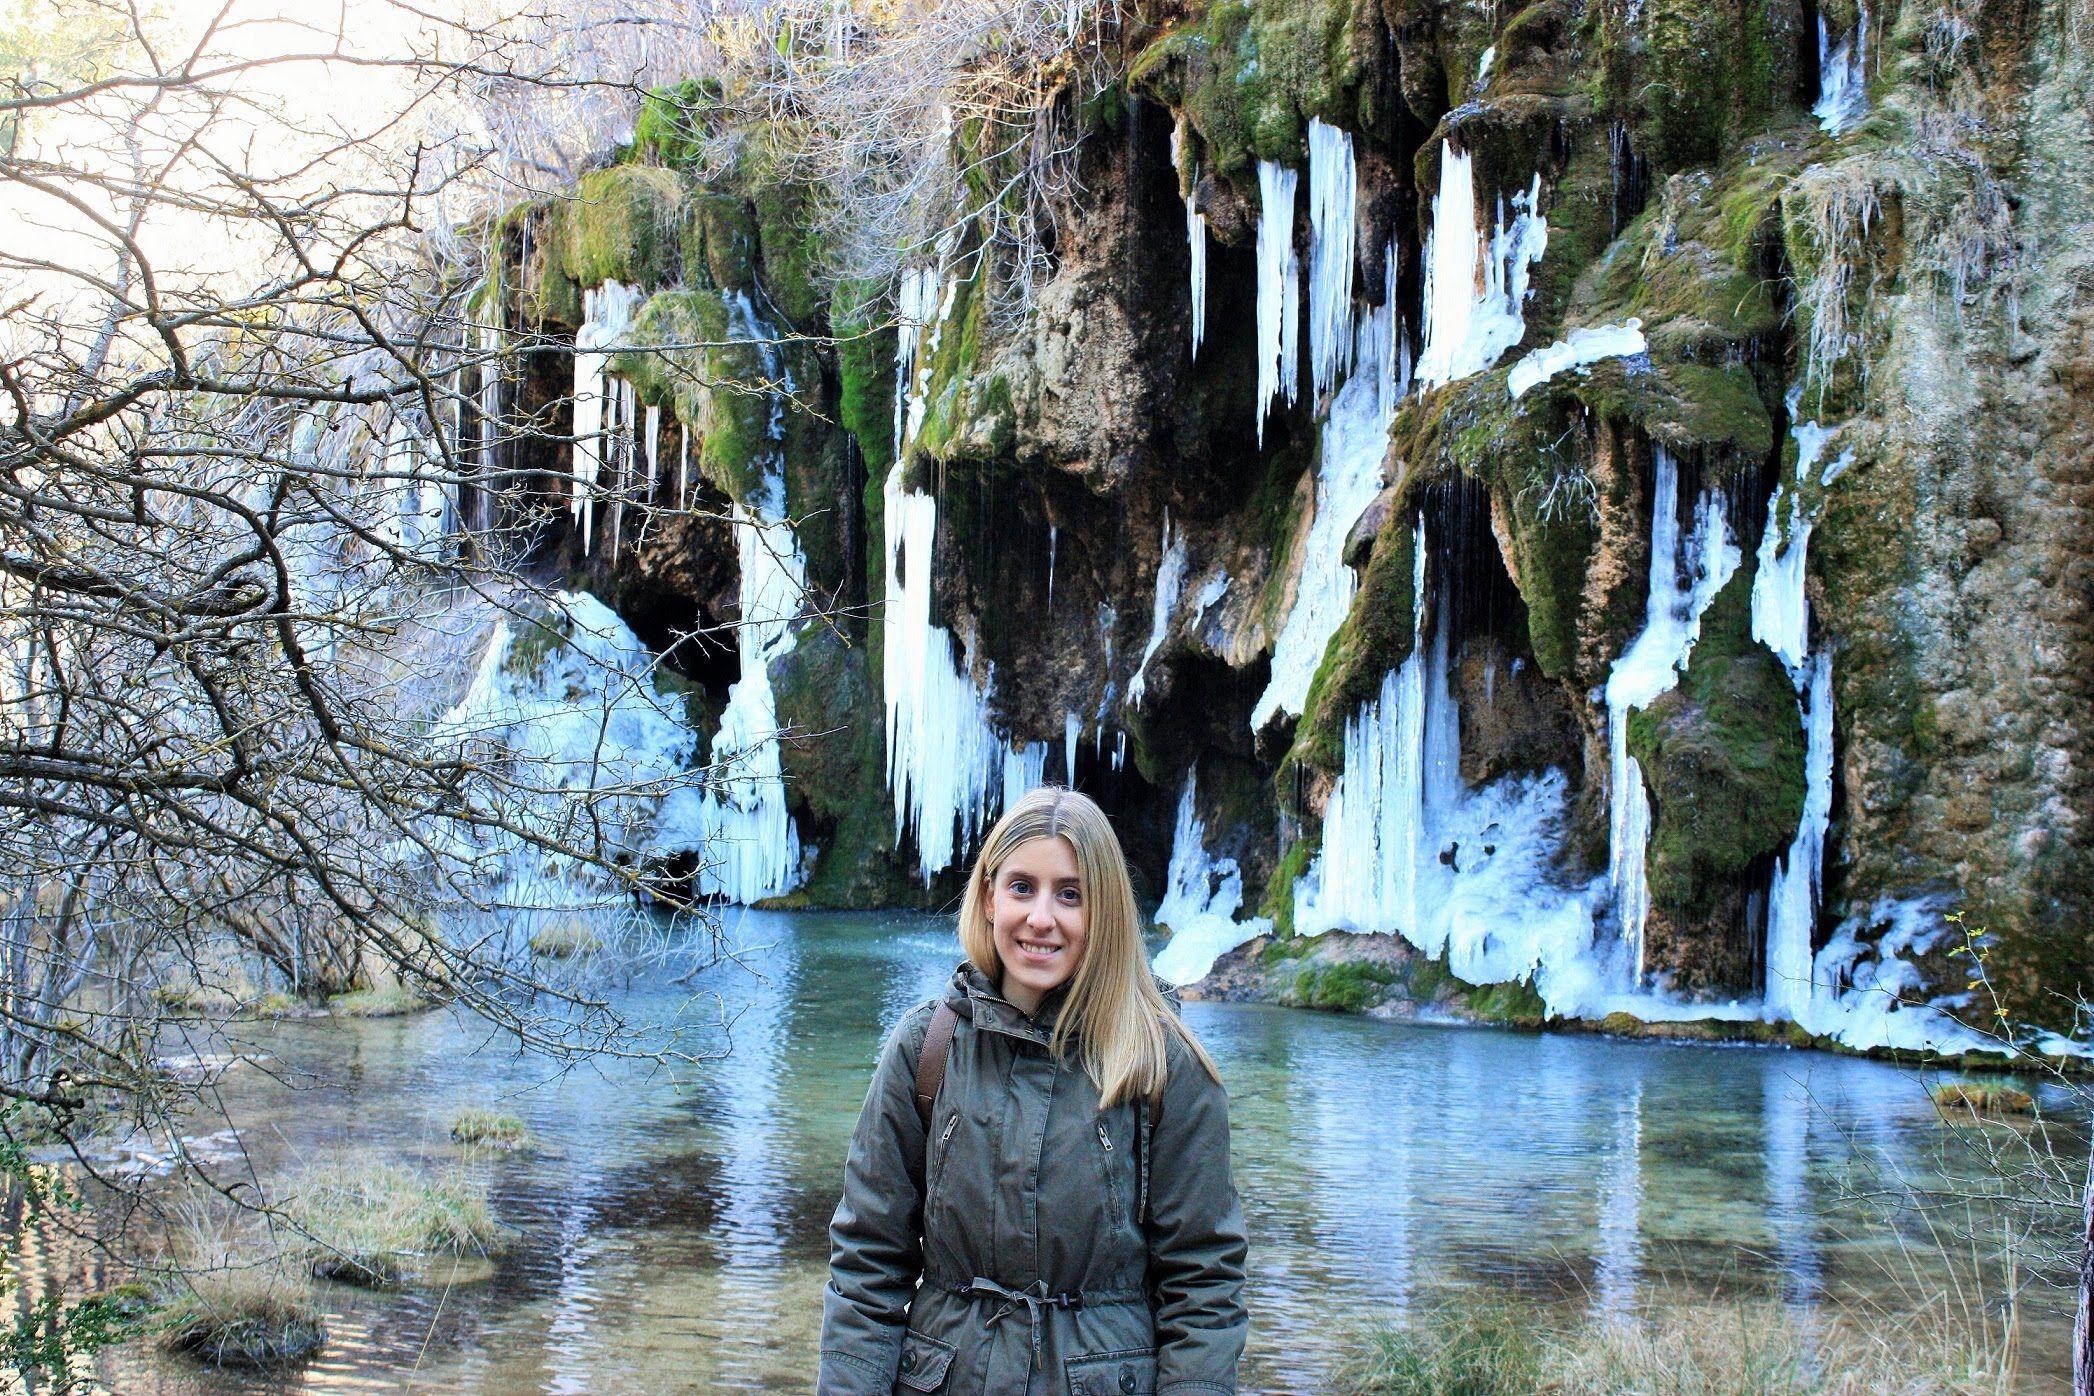 El Nacimiento Del Río Cuervo Uno De Los Rincones Más Bellos Del Parque Natural De La Serranía De Cuenca Parques Naturales Viajes Y Turismo Serrania De Cuenca